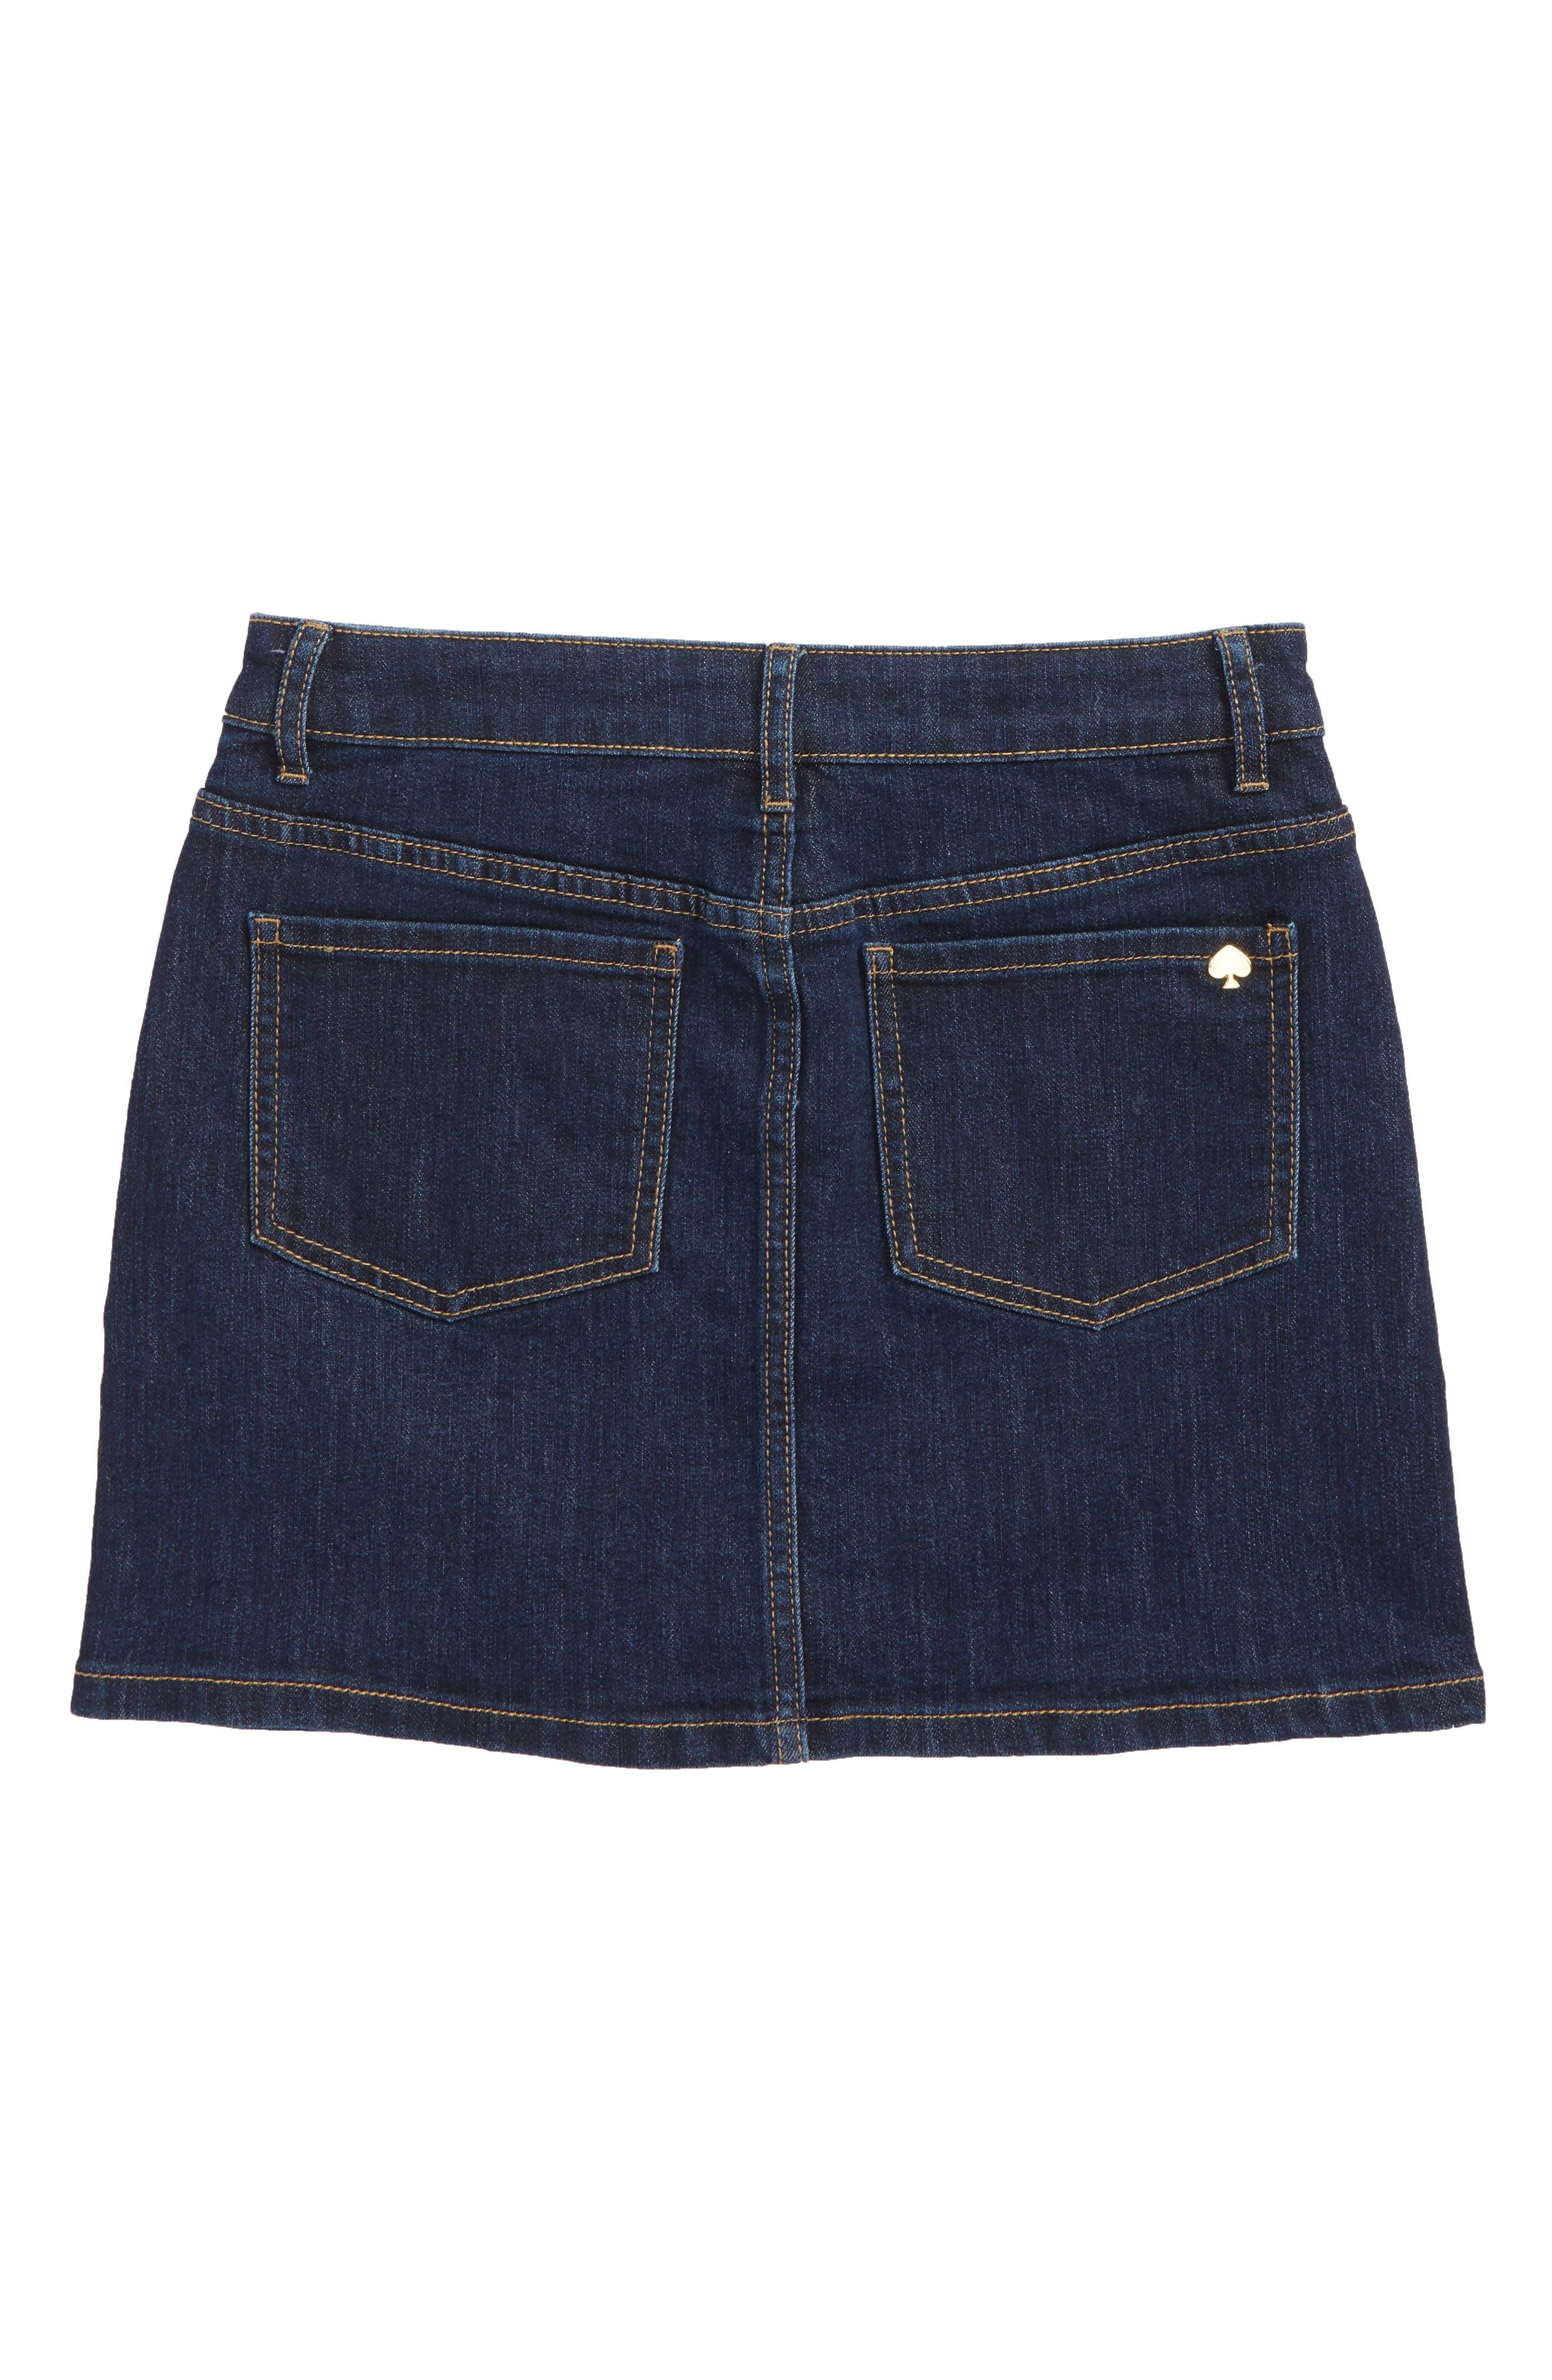 denim skirt,                             Alternate thumbnail 2, color,                             402